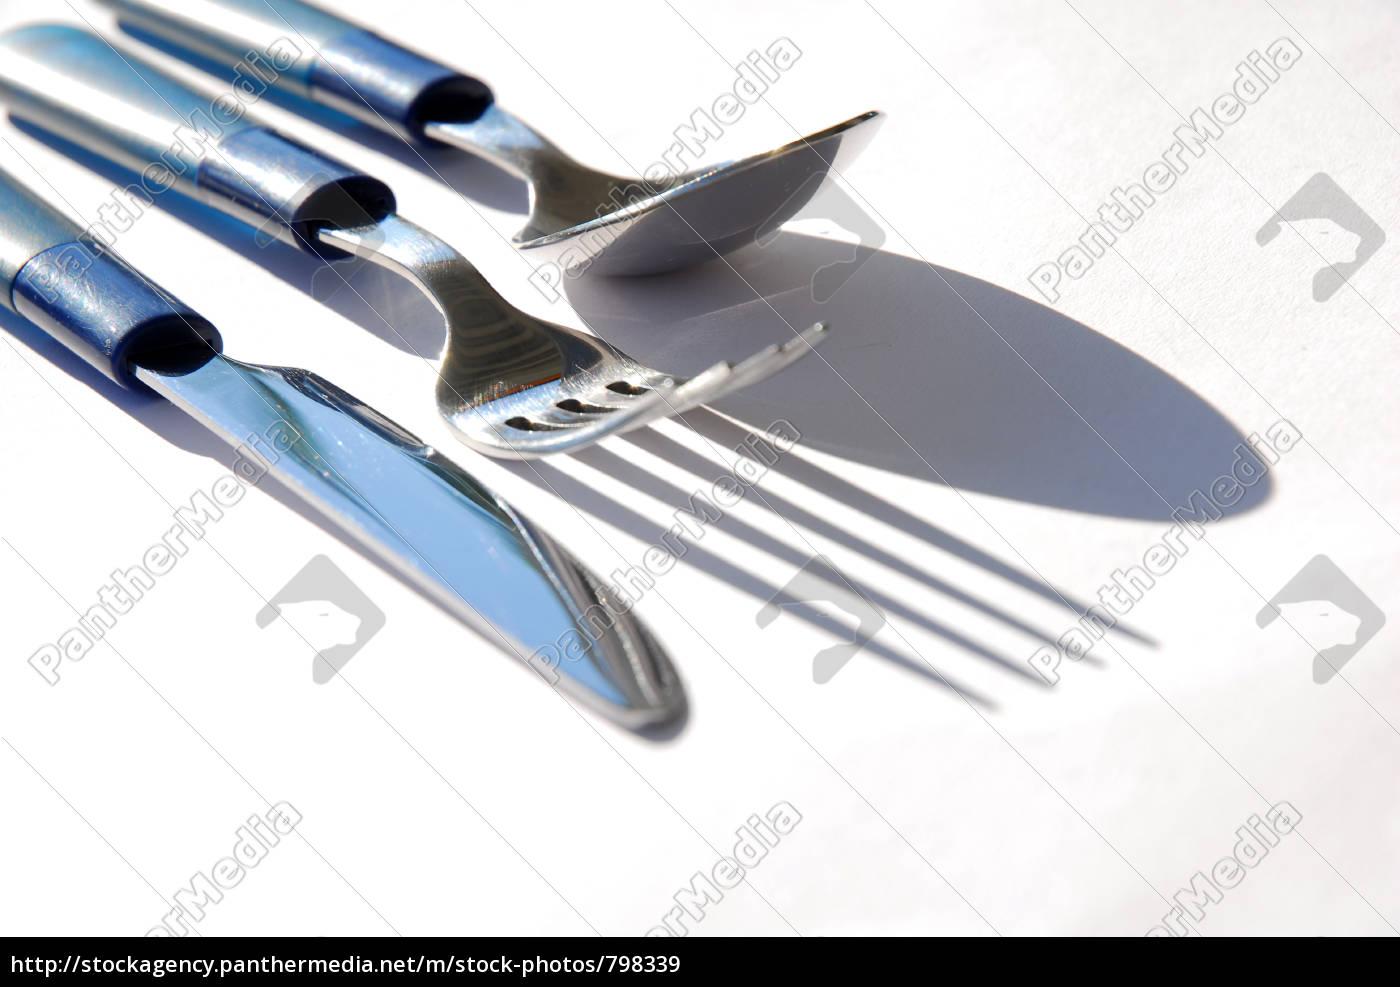 eating, utensils, 2 - 798339